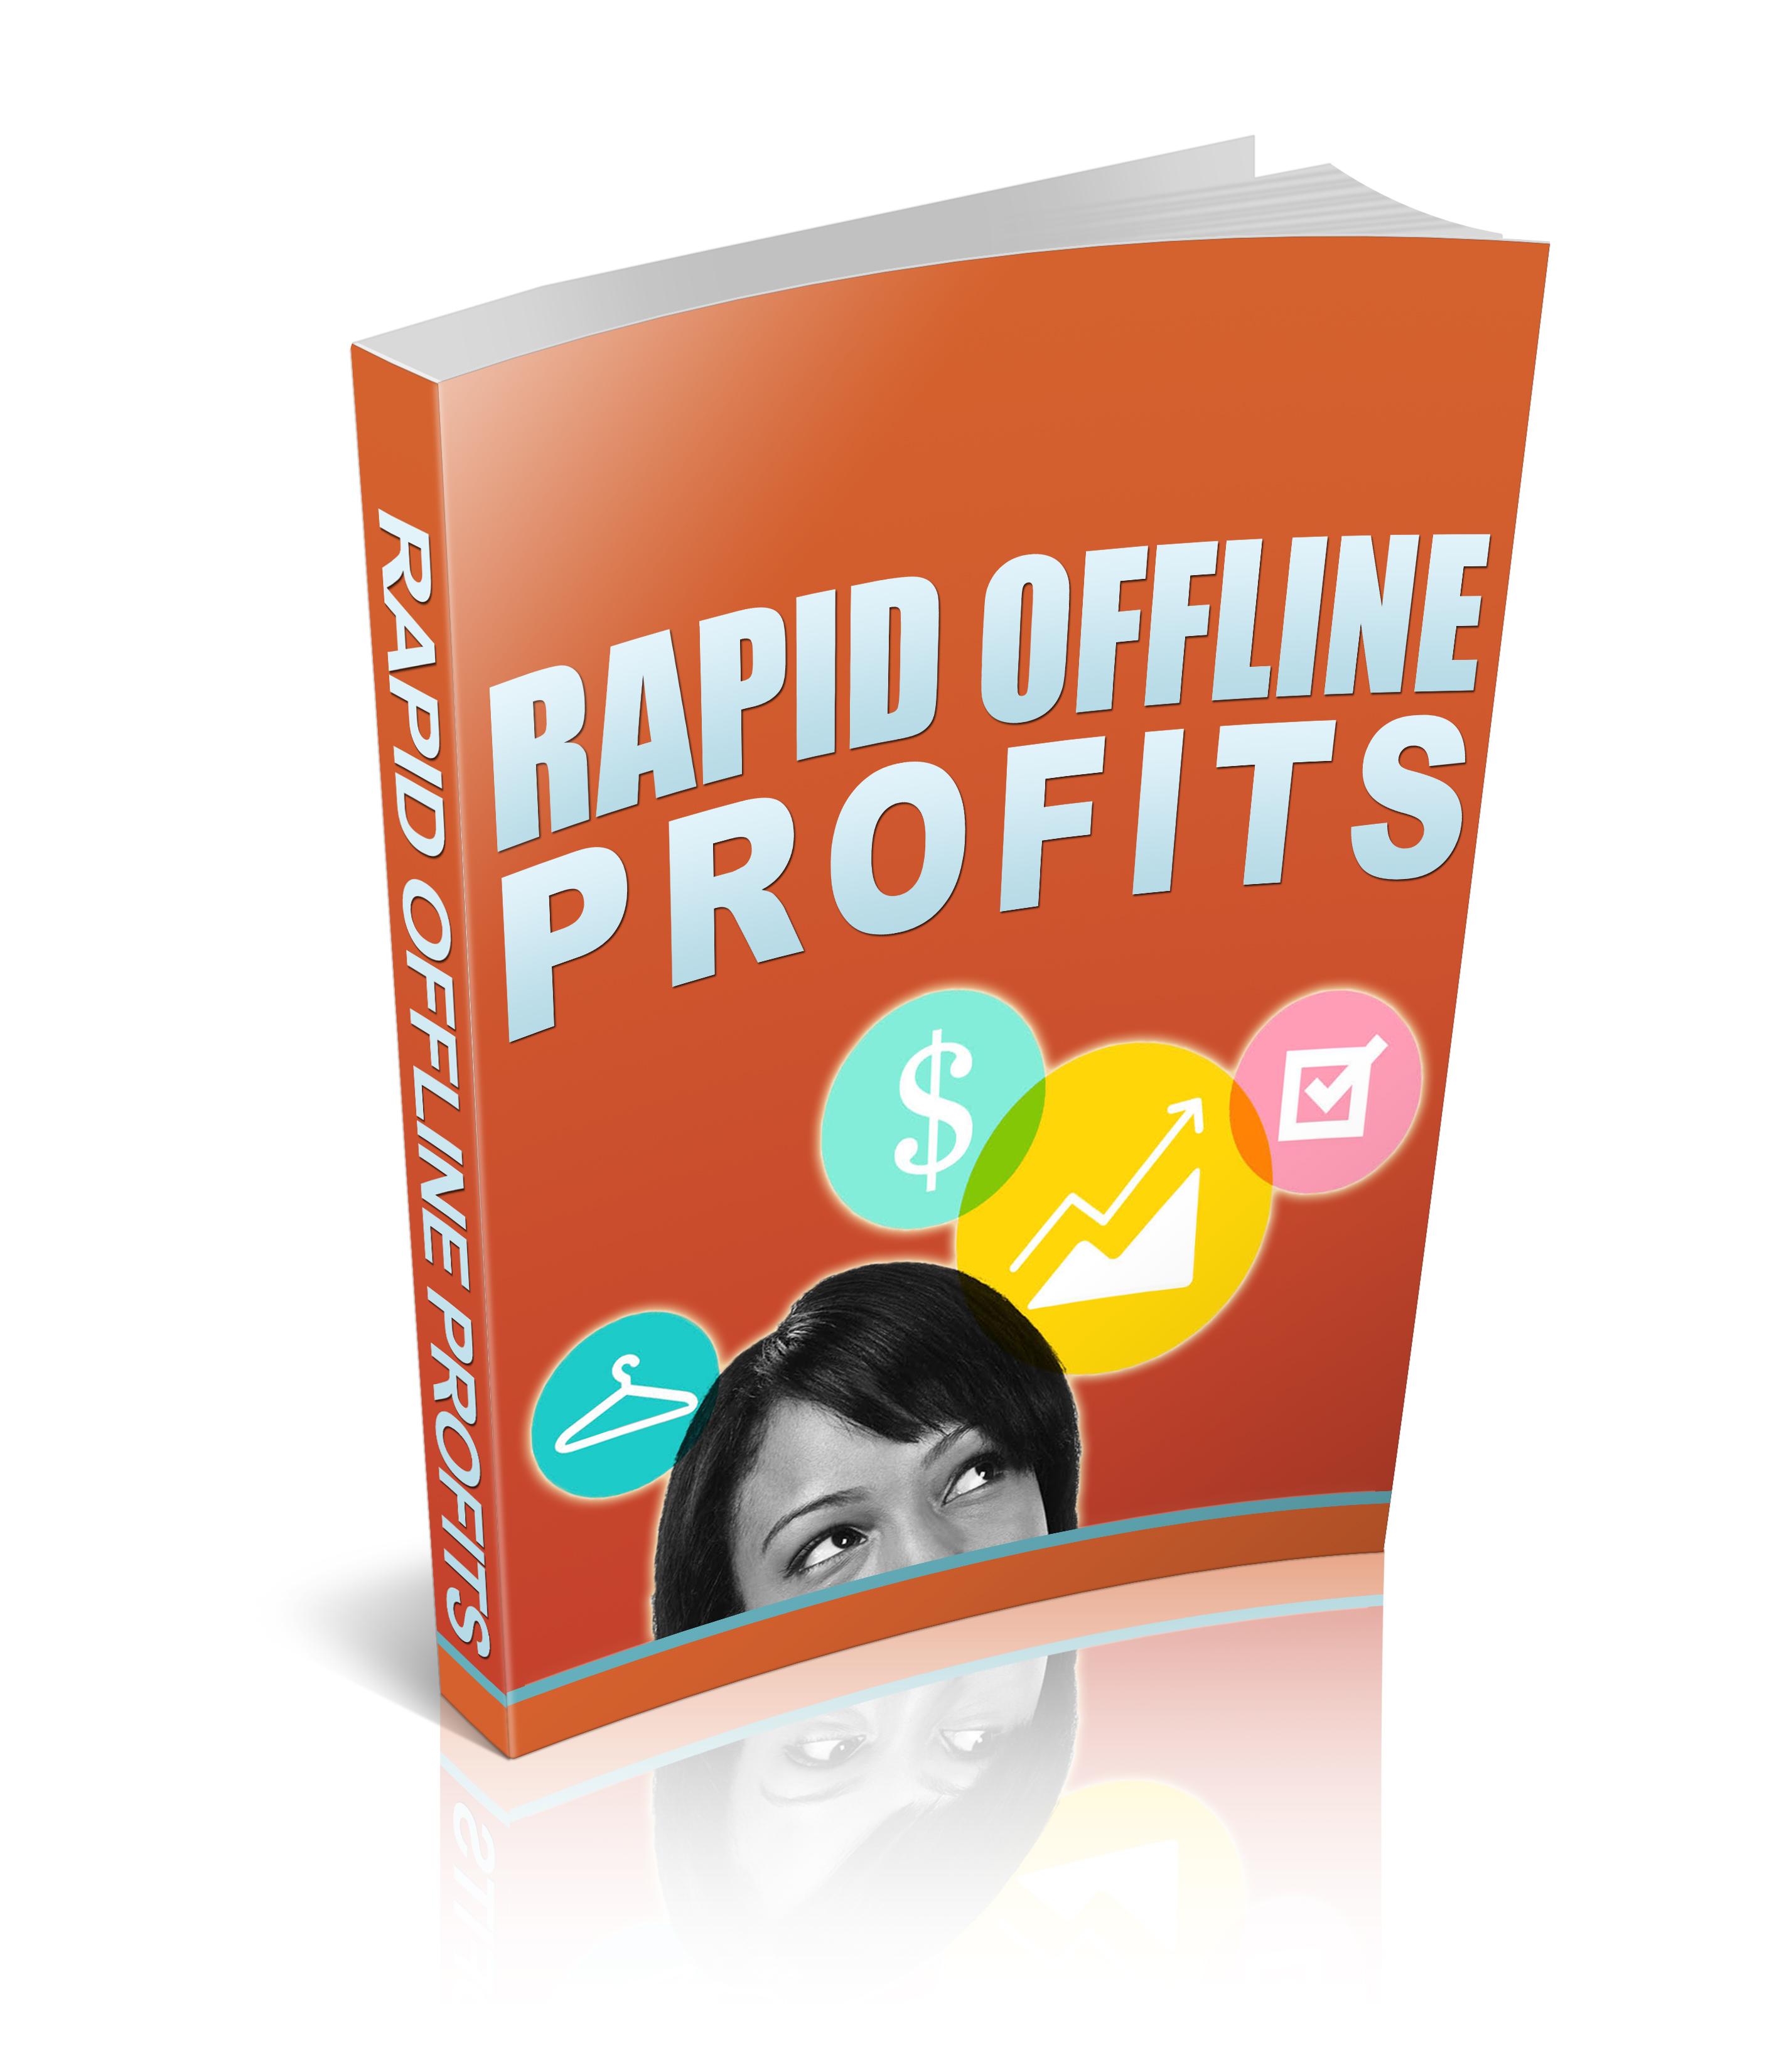 PLR Rapid Offline Profits